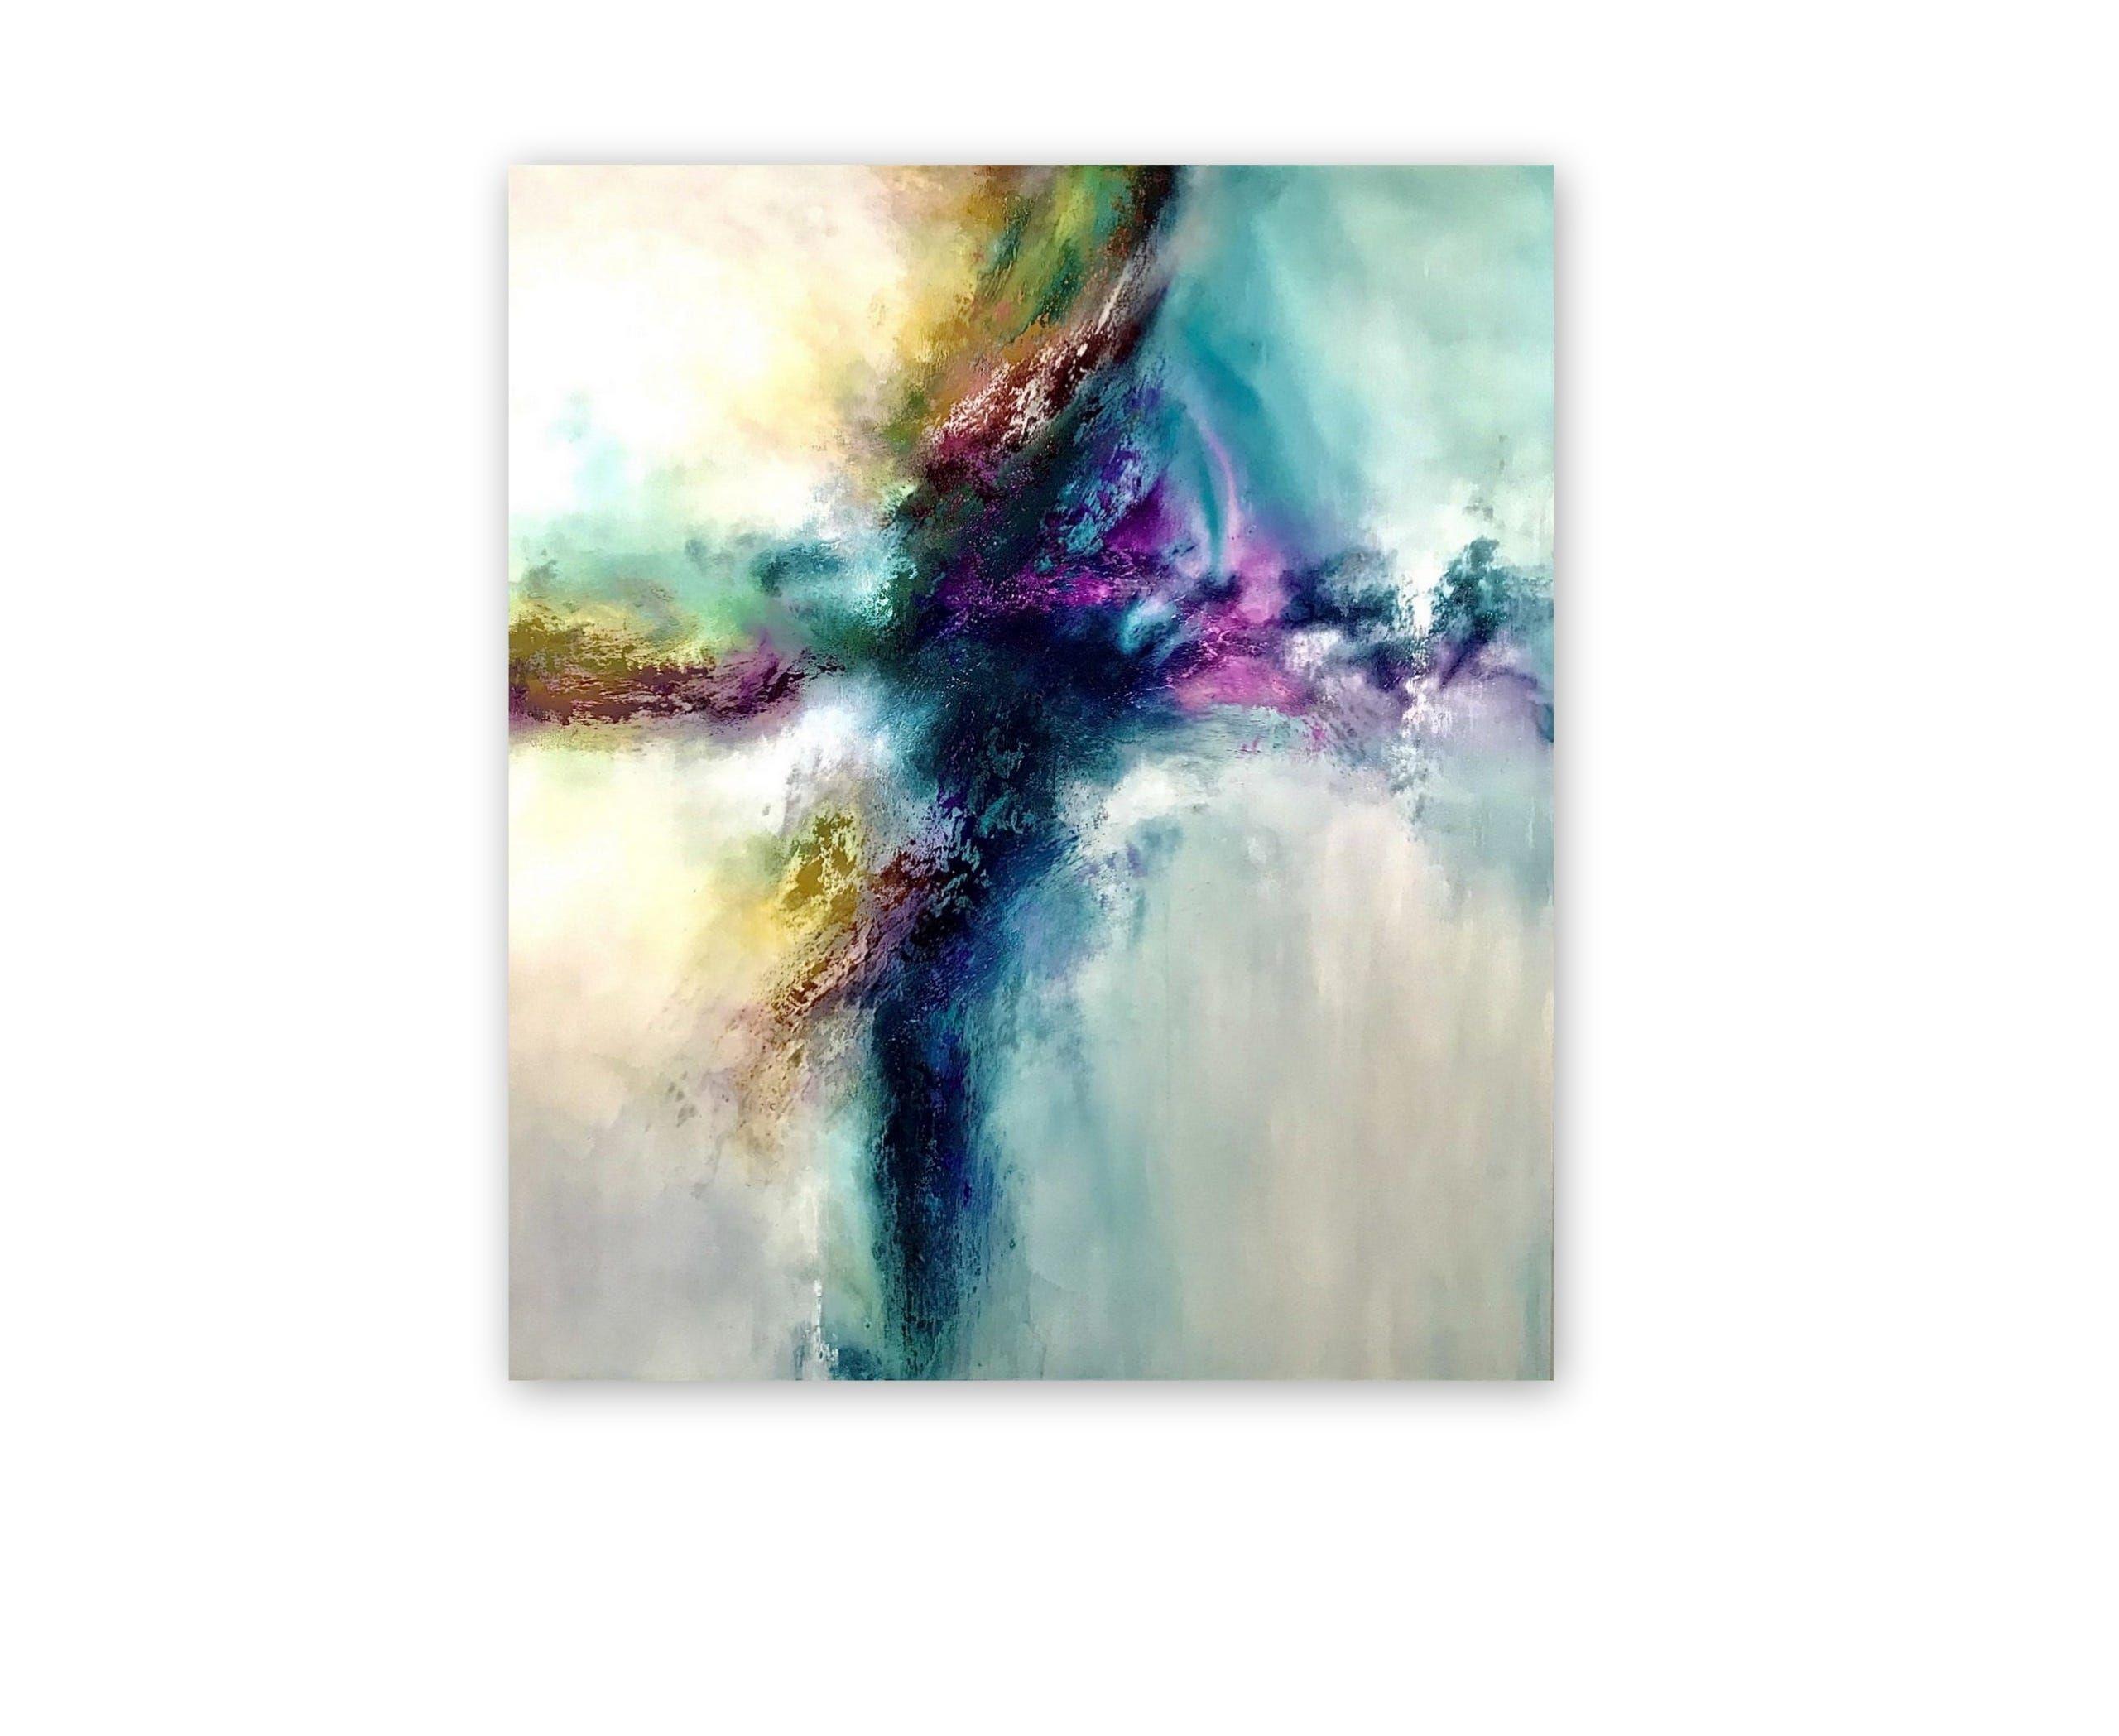 art abstract abstrakt modern kunst bilder acryl malerei design decor michaela jellinek maler resin acry in 2021 moderne spanischer